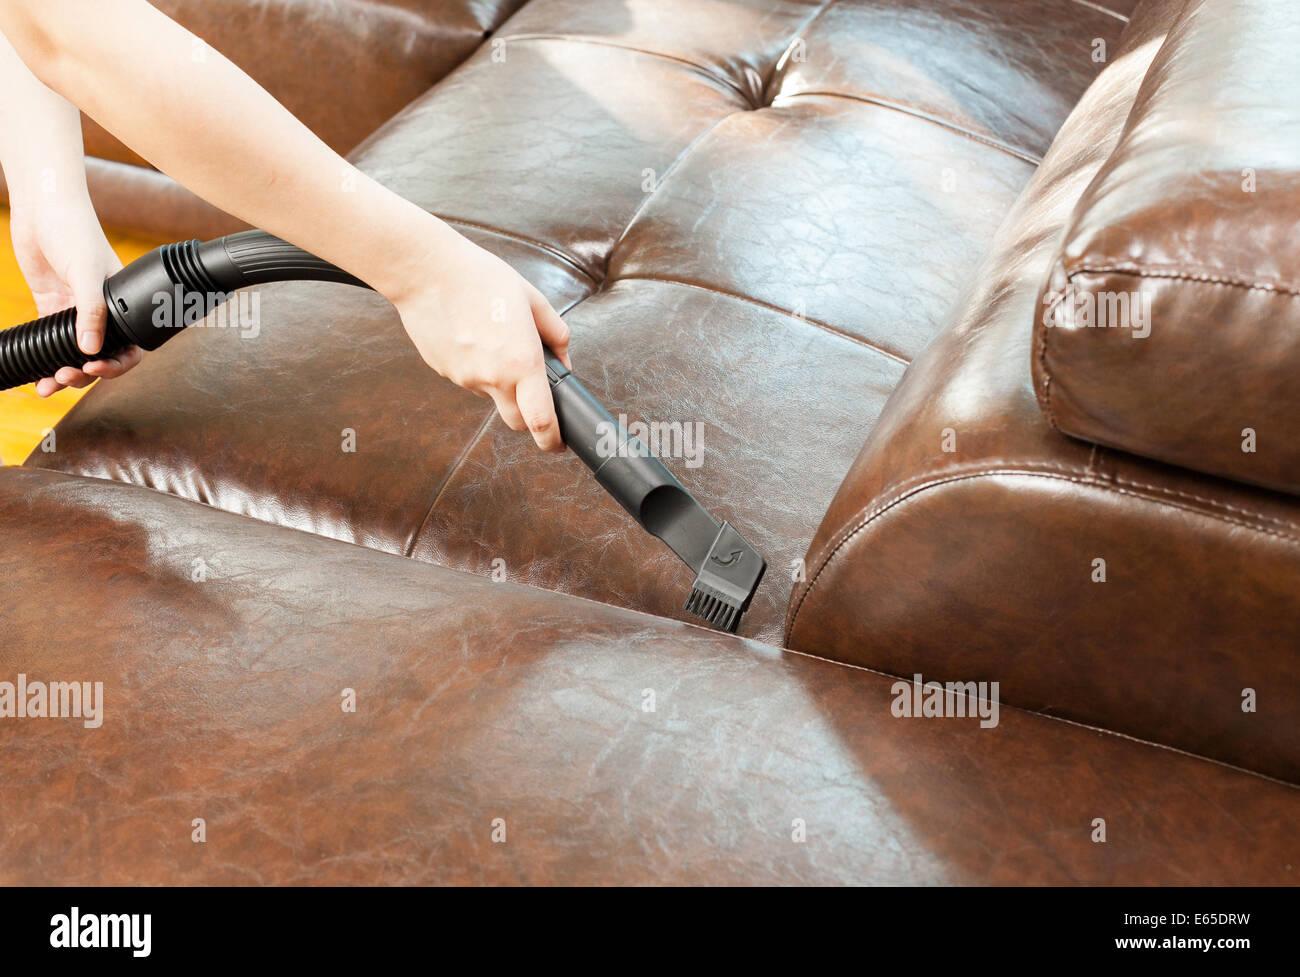 Frau Ledersofa Mit Staubsauger Reinigen Stockfoto Bild 72650029